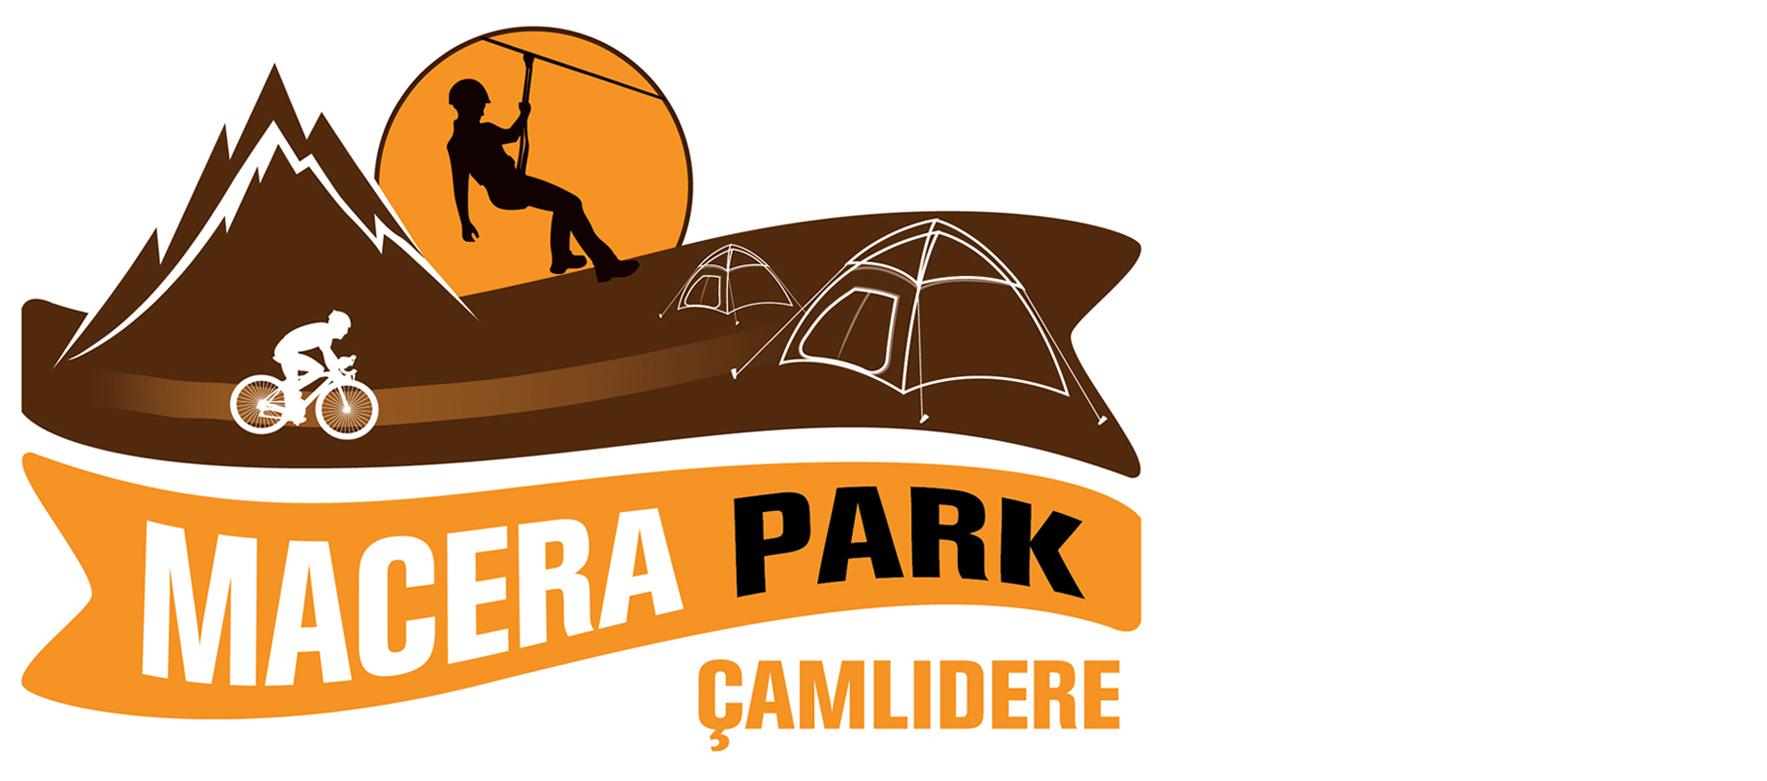 Macera Park Çamlıdere |Macera Kamp | Macera Park Ankara |Çamlıdere Ankara